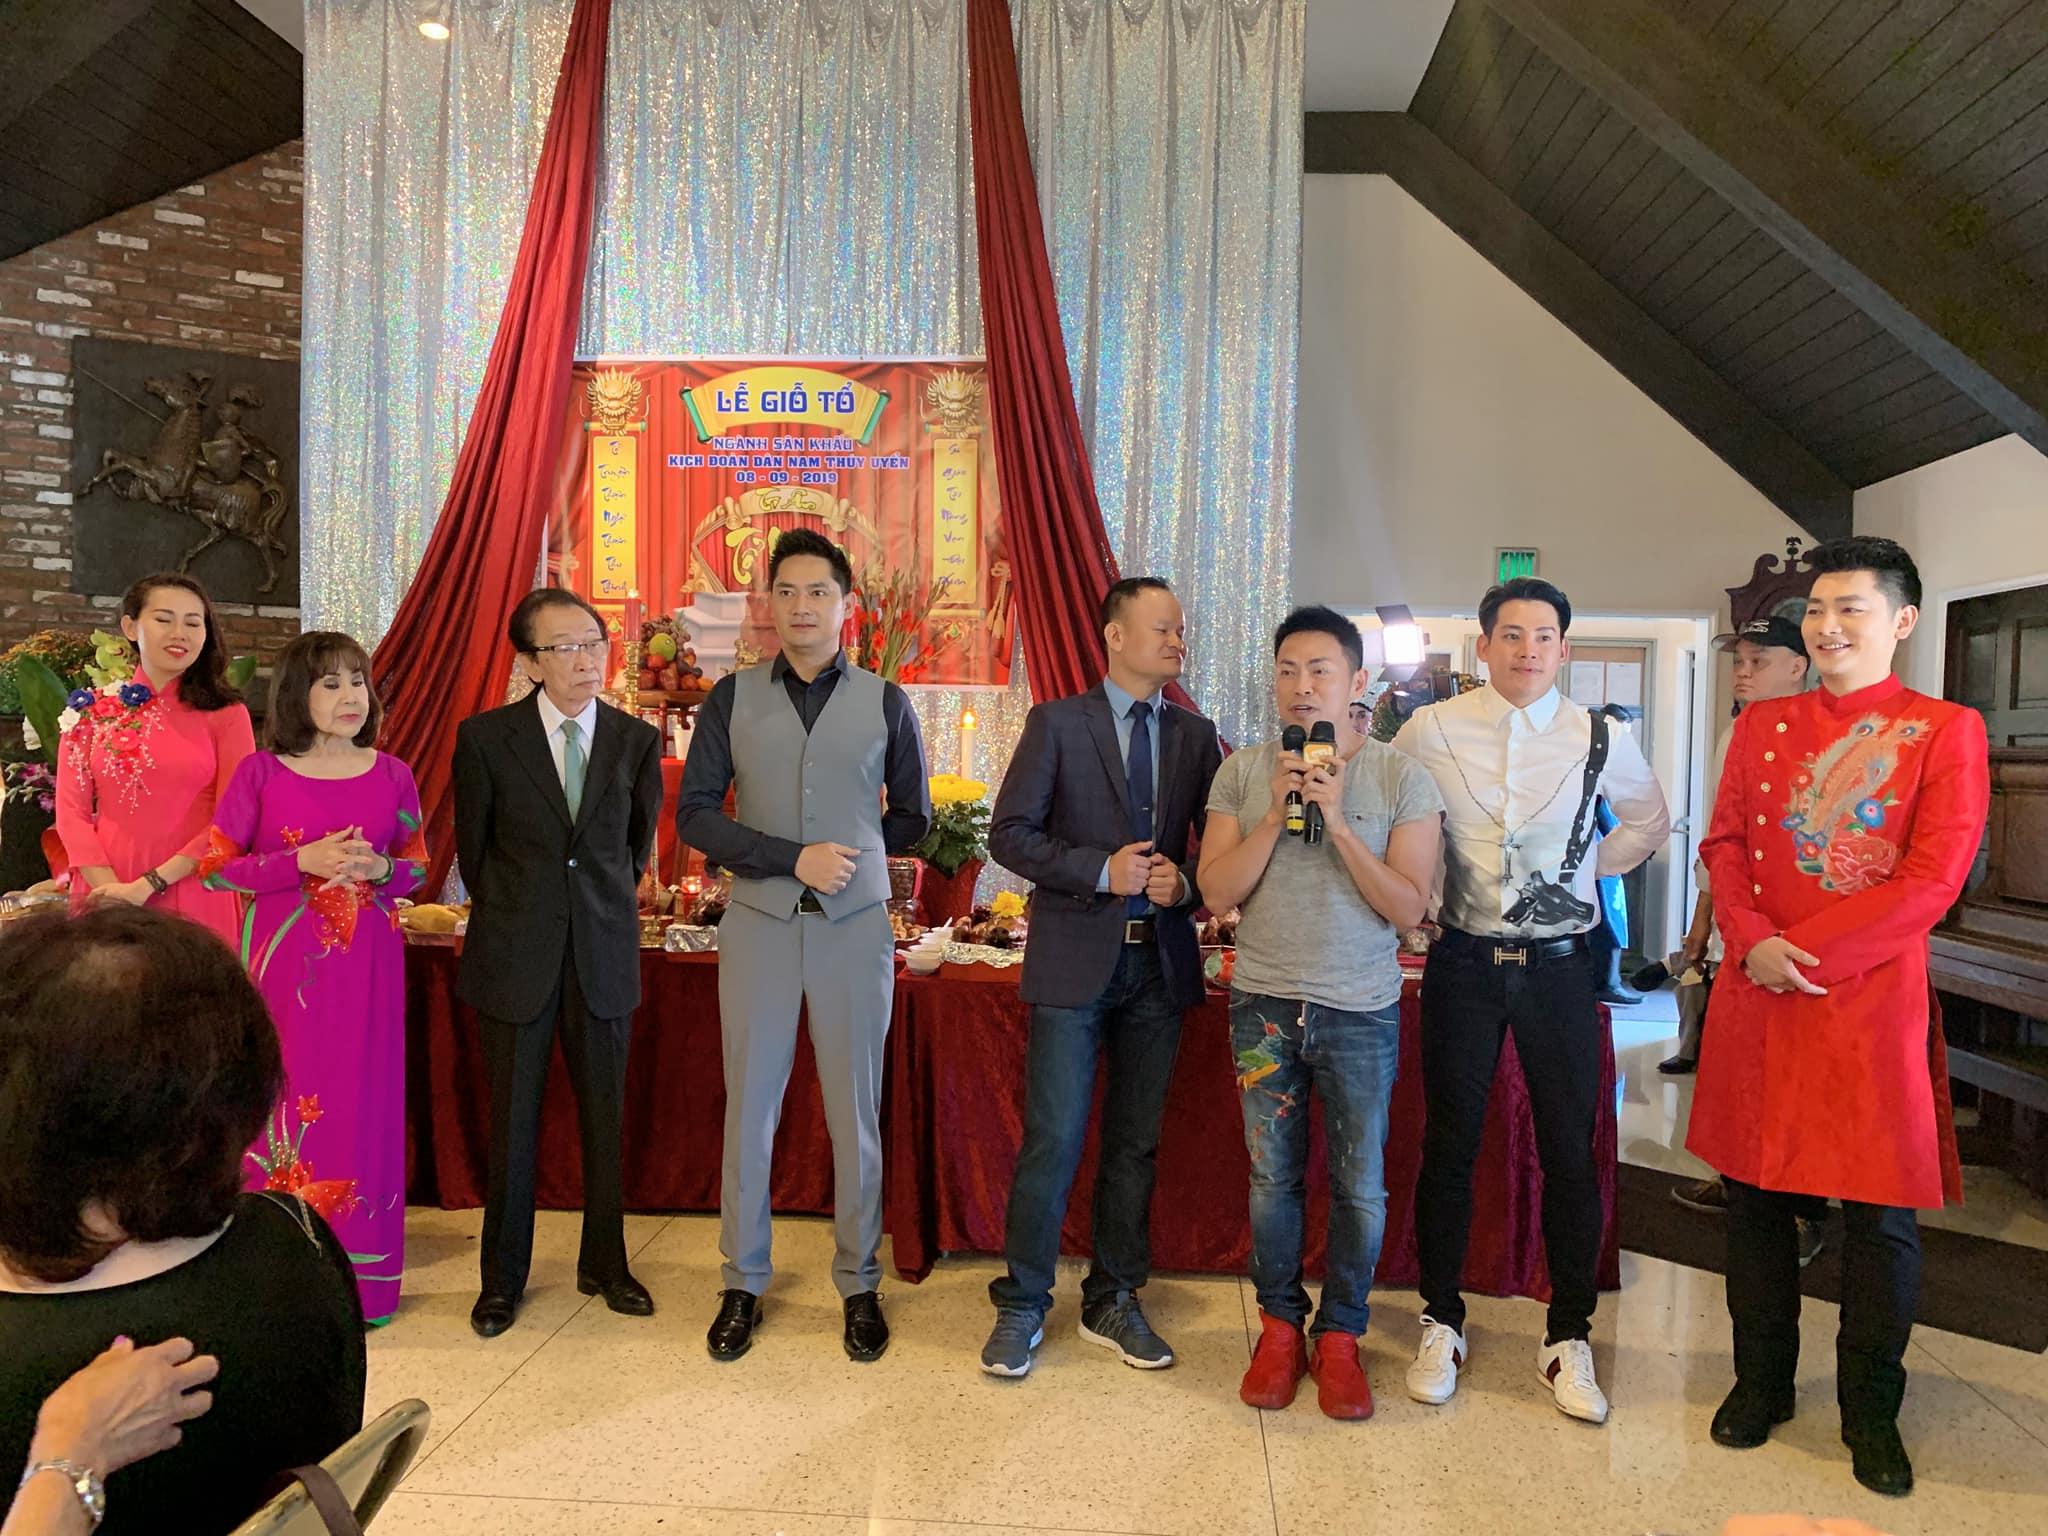 Khán giả xúc động vì diễn viên Minh Luân mang di ảnh của cố nghệ sĩ Anh Vũ sang Mỹ dự giỗ tổ sân khấu - Hình 2